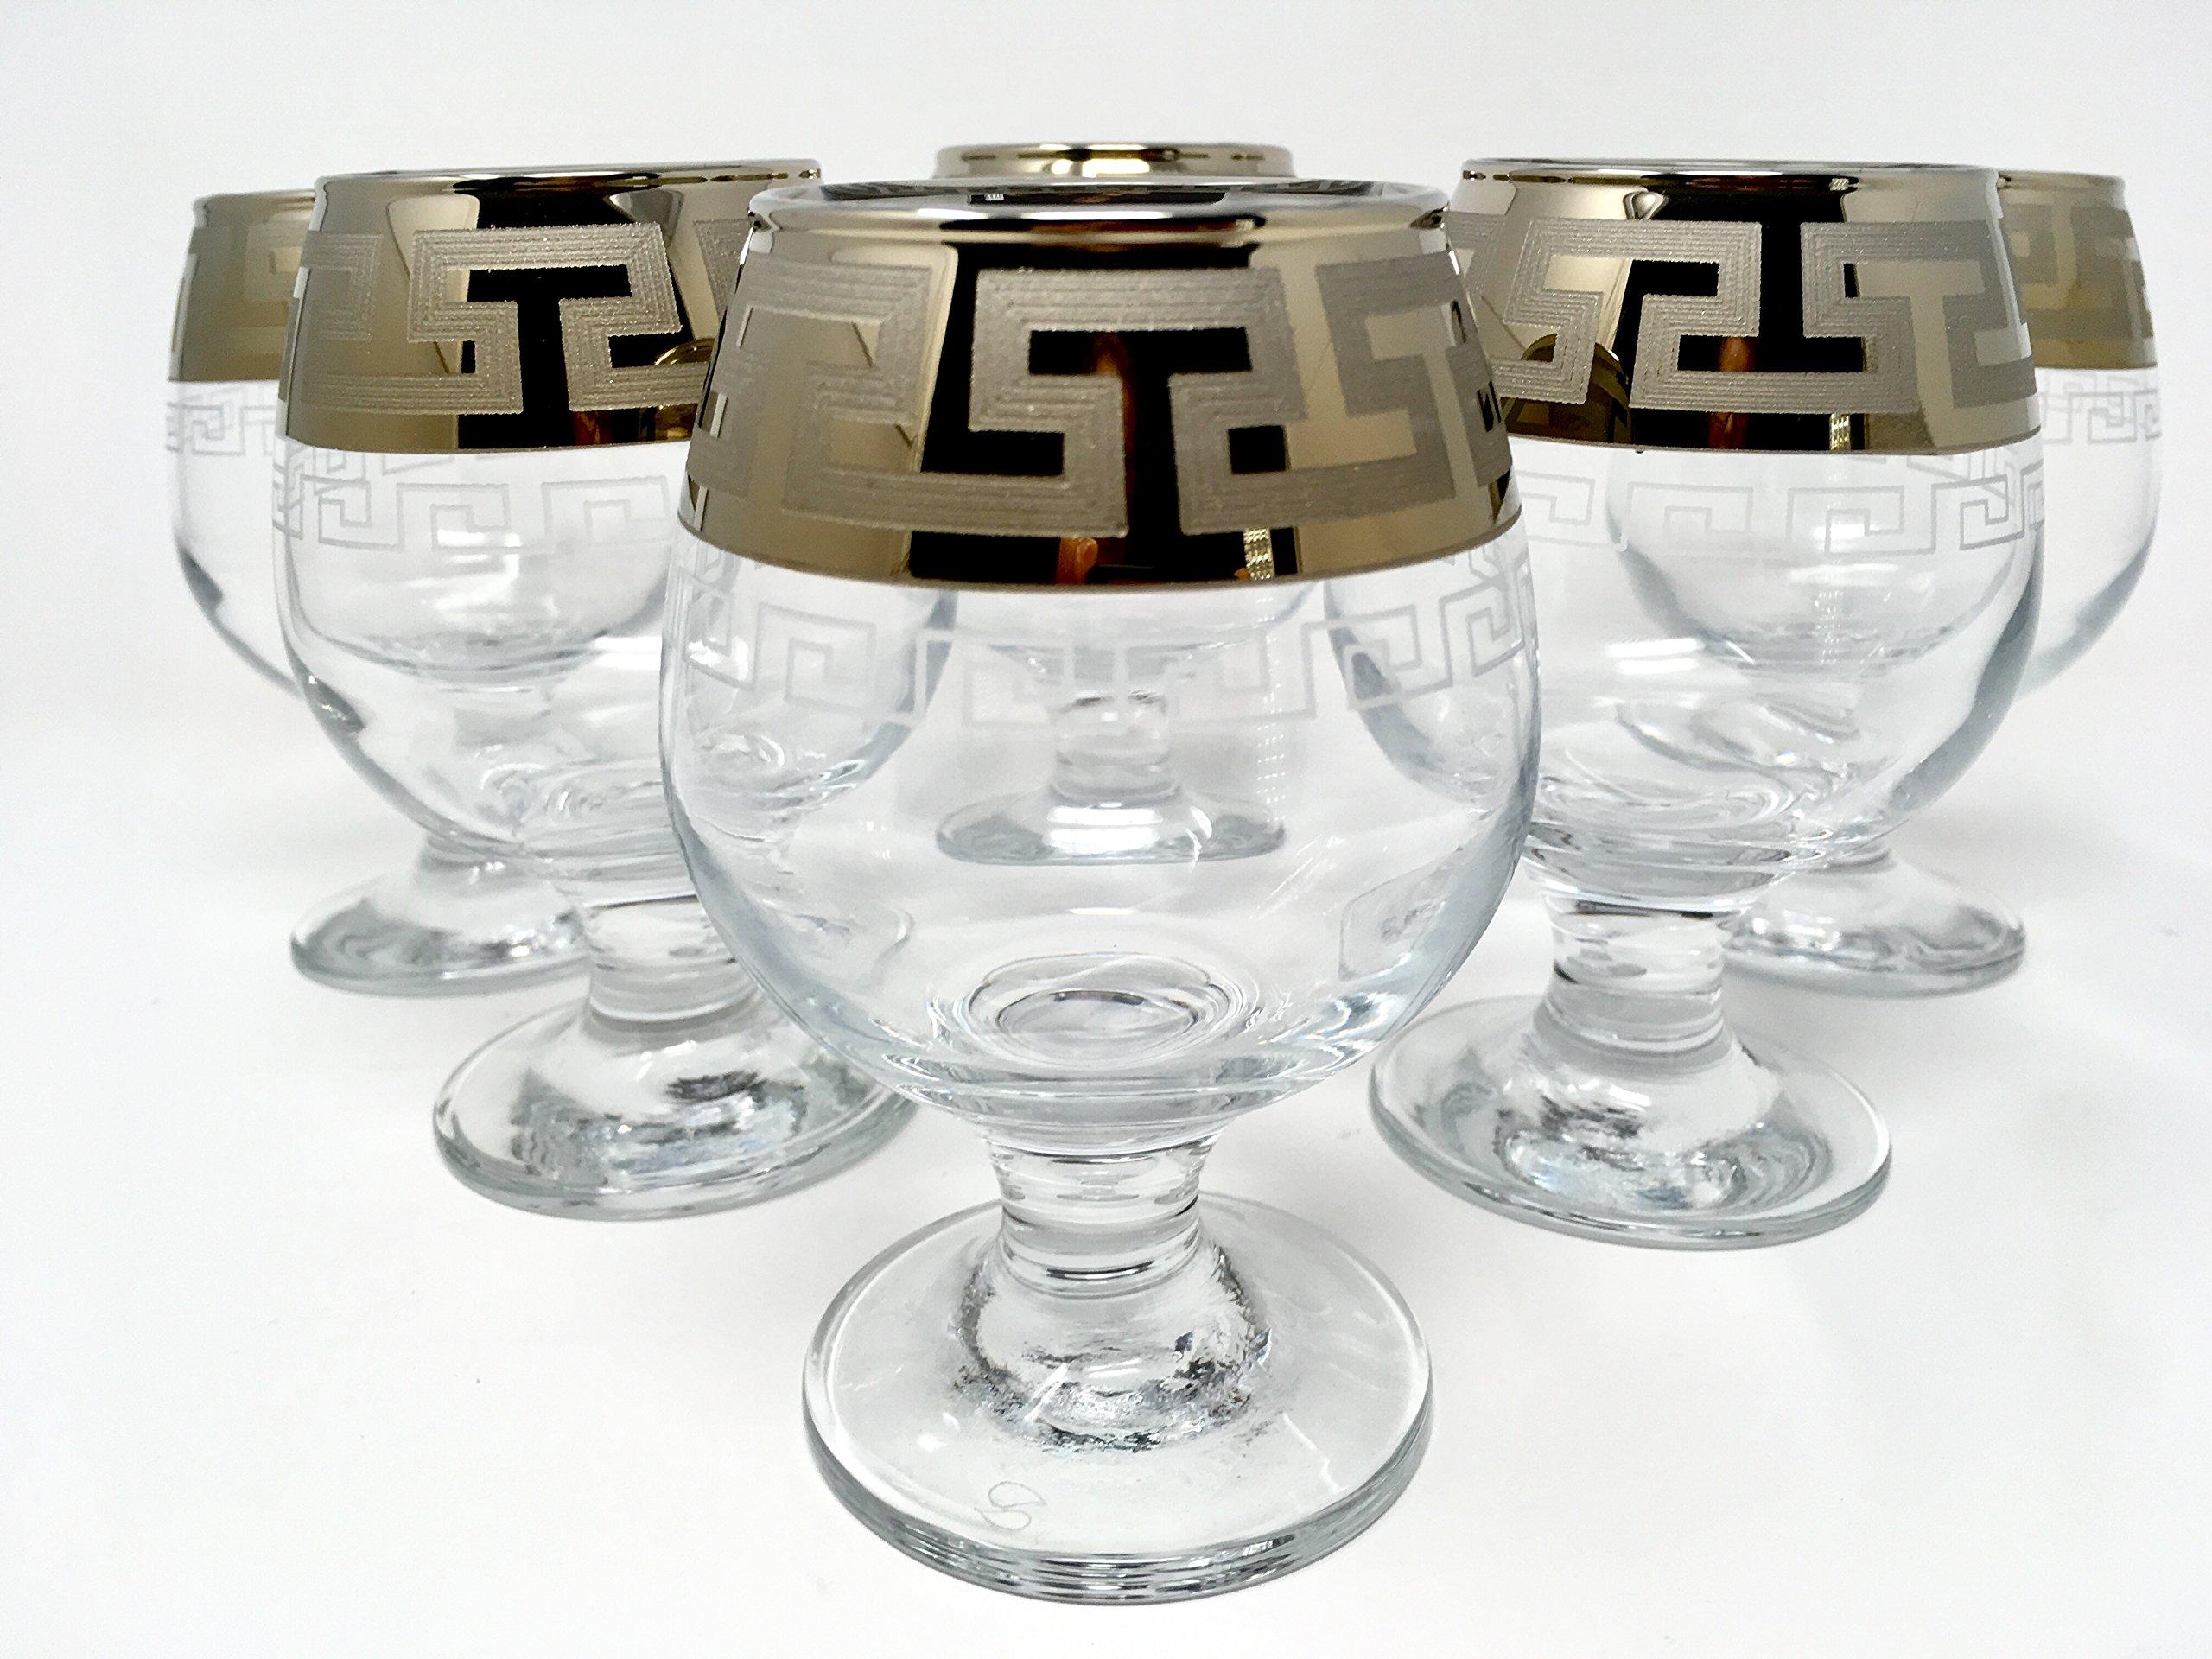 CRYSTAL GLASS SNIFTER GLASSES 8oz./250ml. PLATINUM PLATED SET OF 6 COGNAC BRANDY ARMAGNAC CALVADOS WHISKEY GLASSES ENGRAVED VINTAGE GREEK DESIGN CLASSIC STEM GOBLETS by VelvetPlace (Image #1)